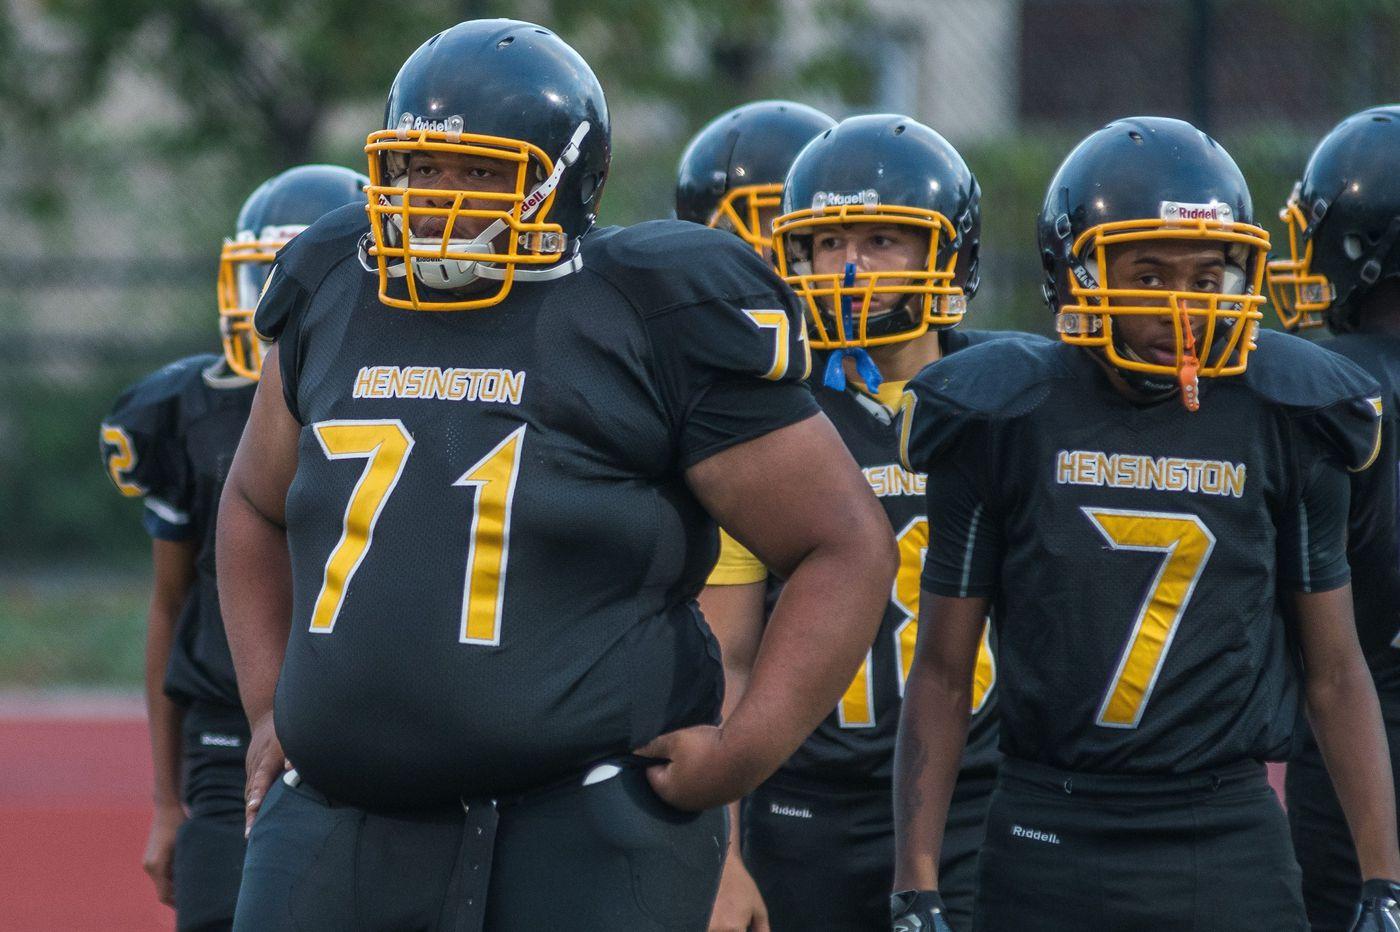 Kensington High School football team raising money after equipment stolen, vandalized